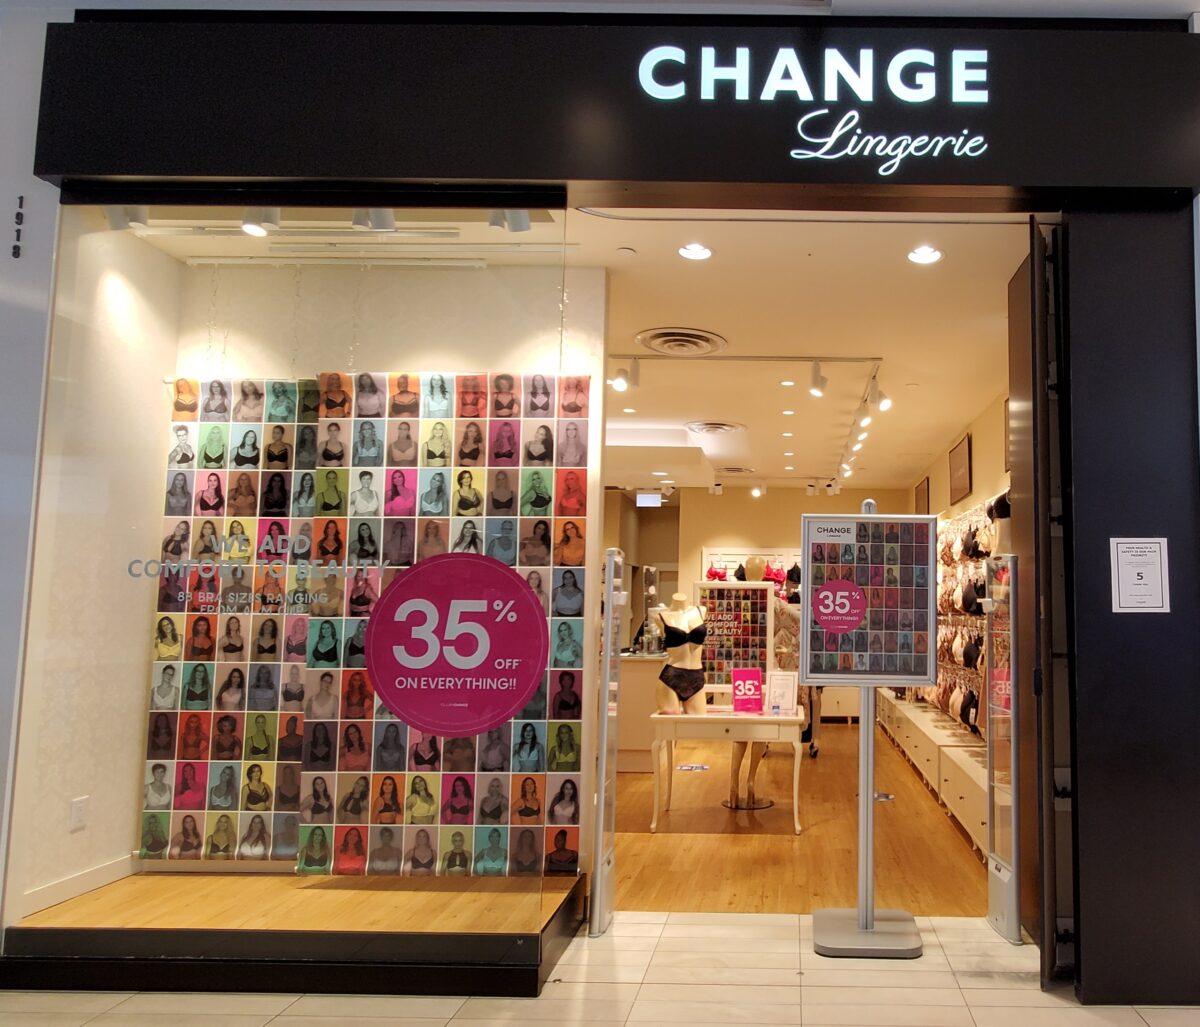 Change Lingerie at CF Richmond Centre